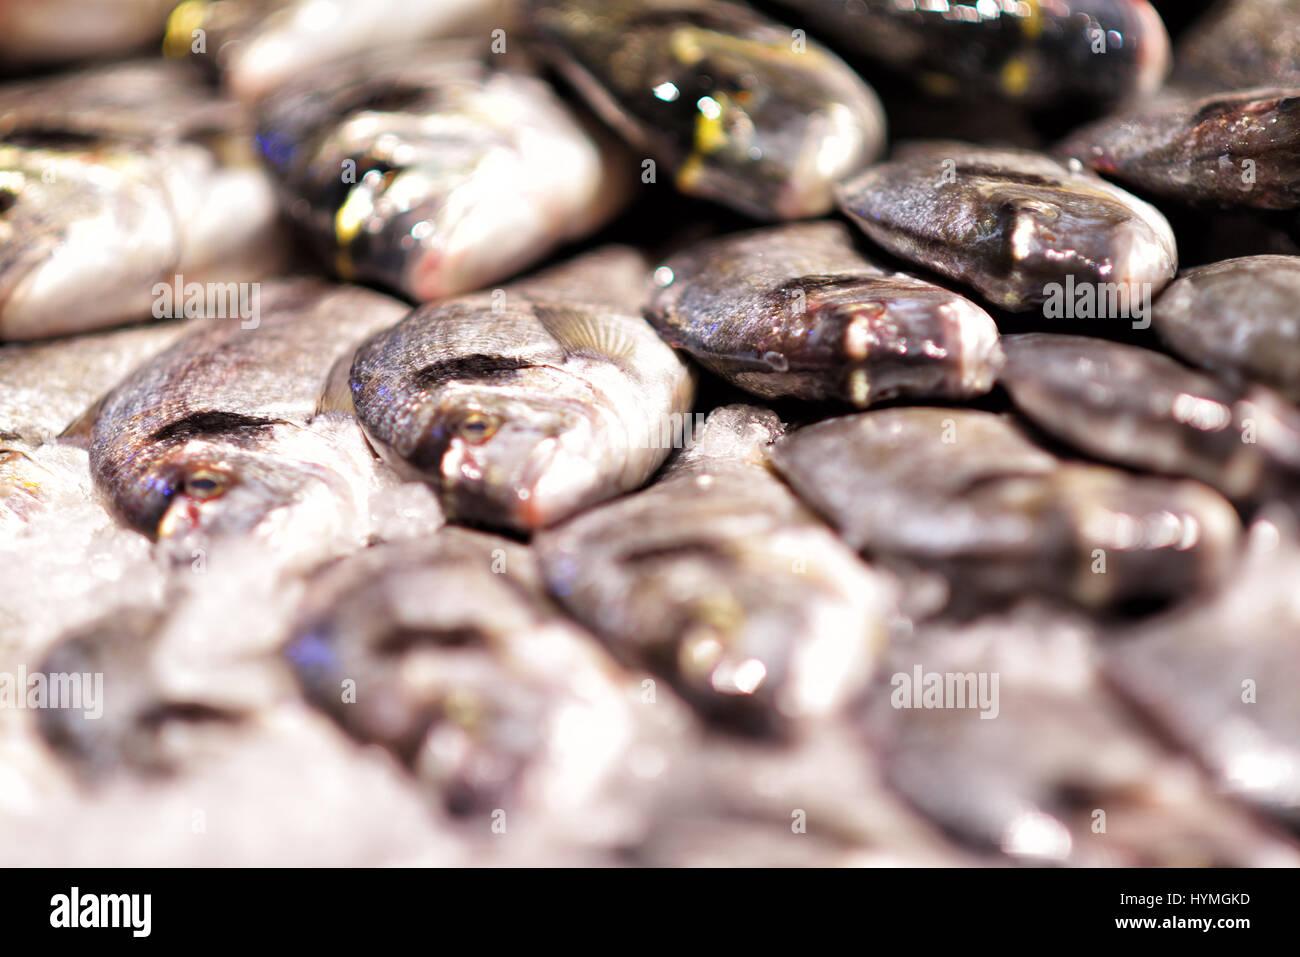 Des fruits de mer sur glace au marché de poissons Photo Stock